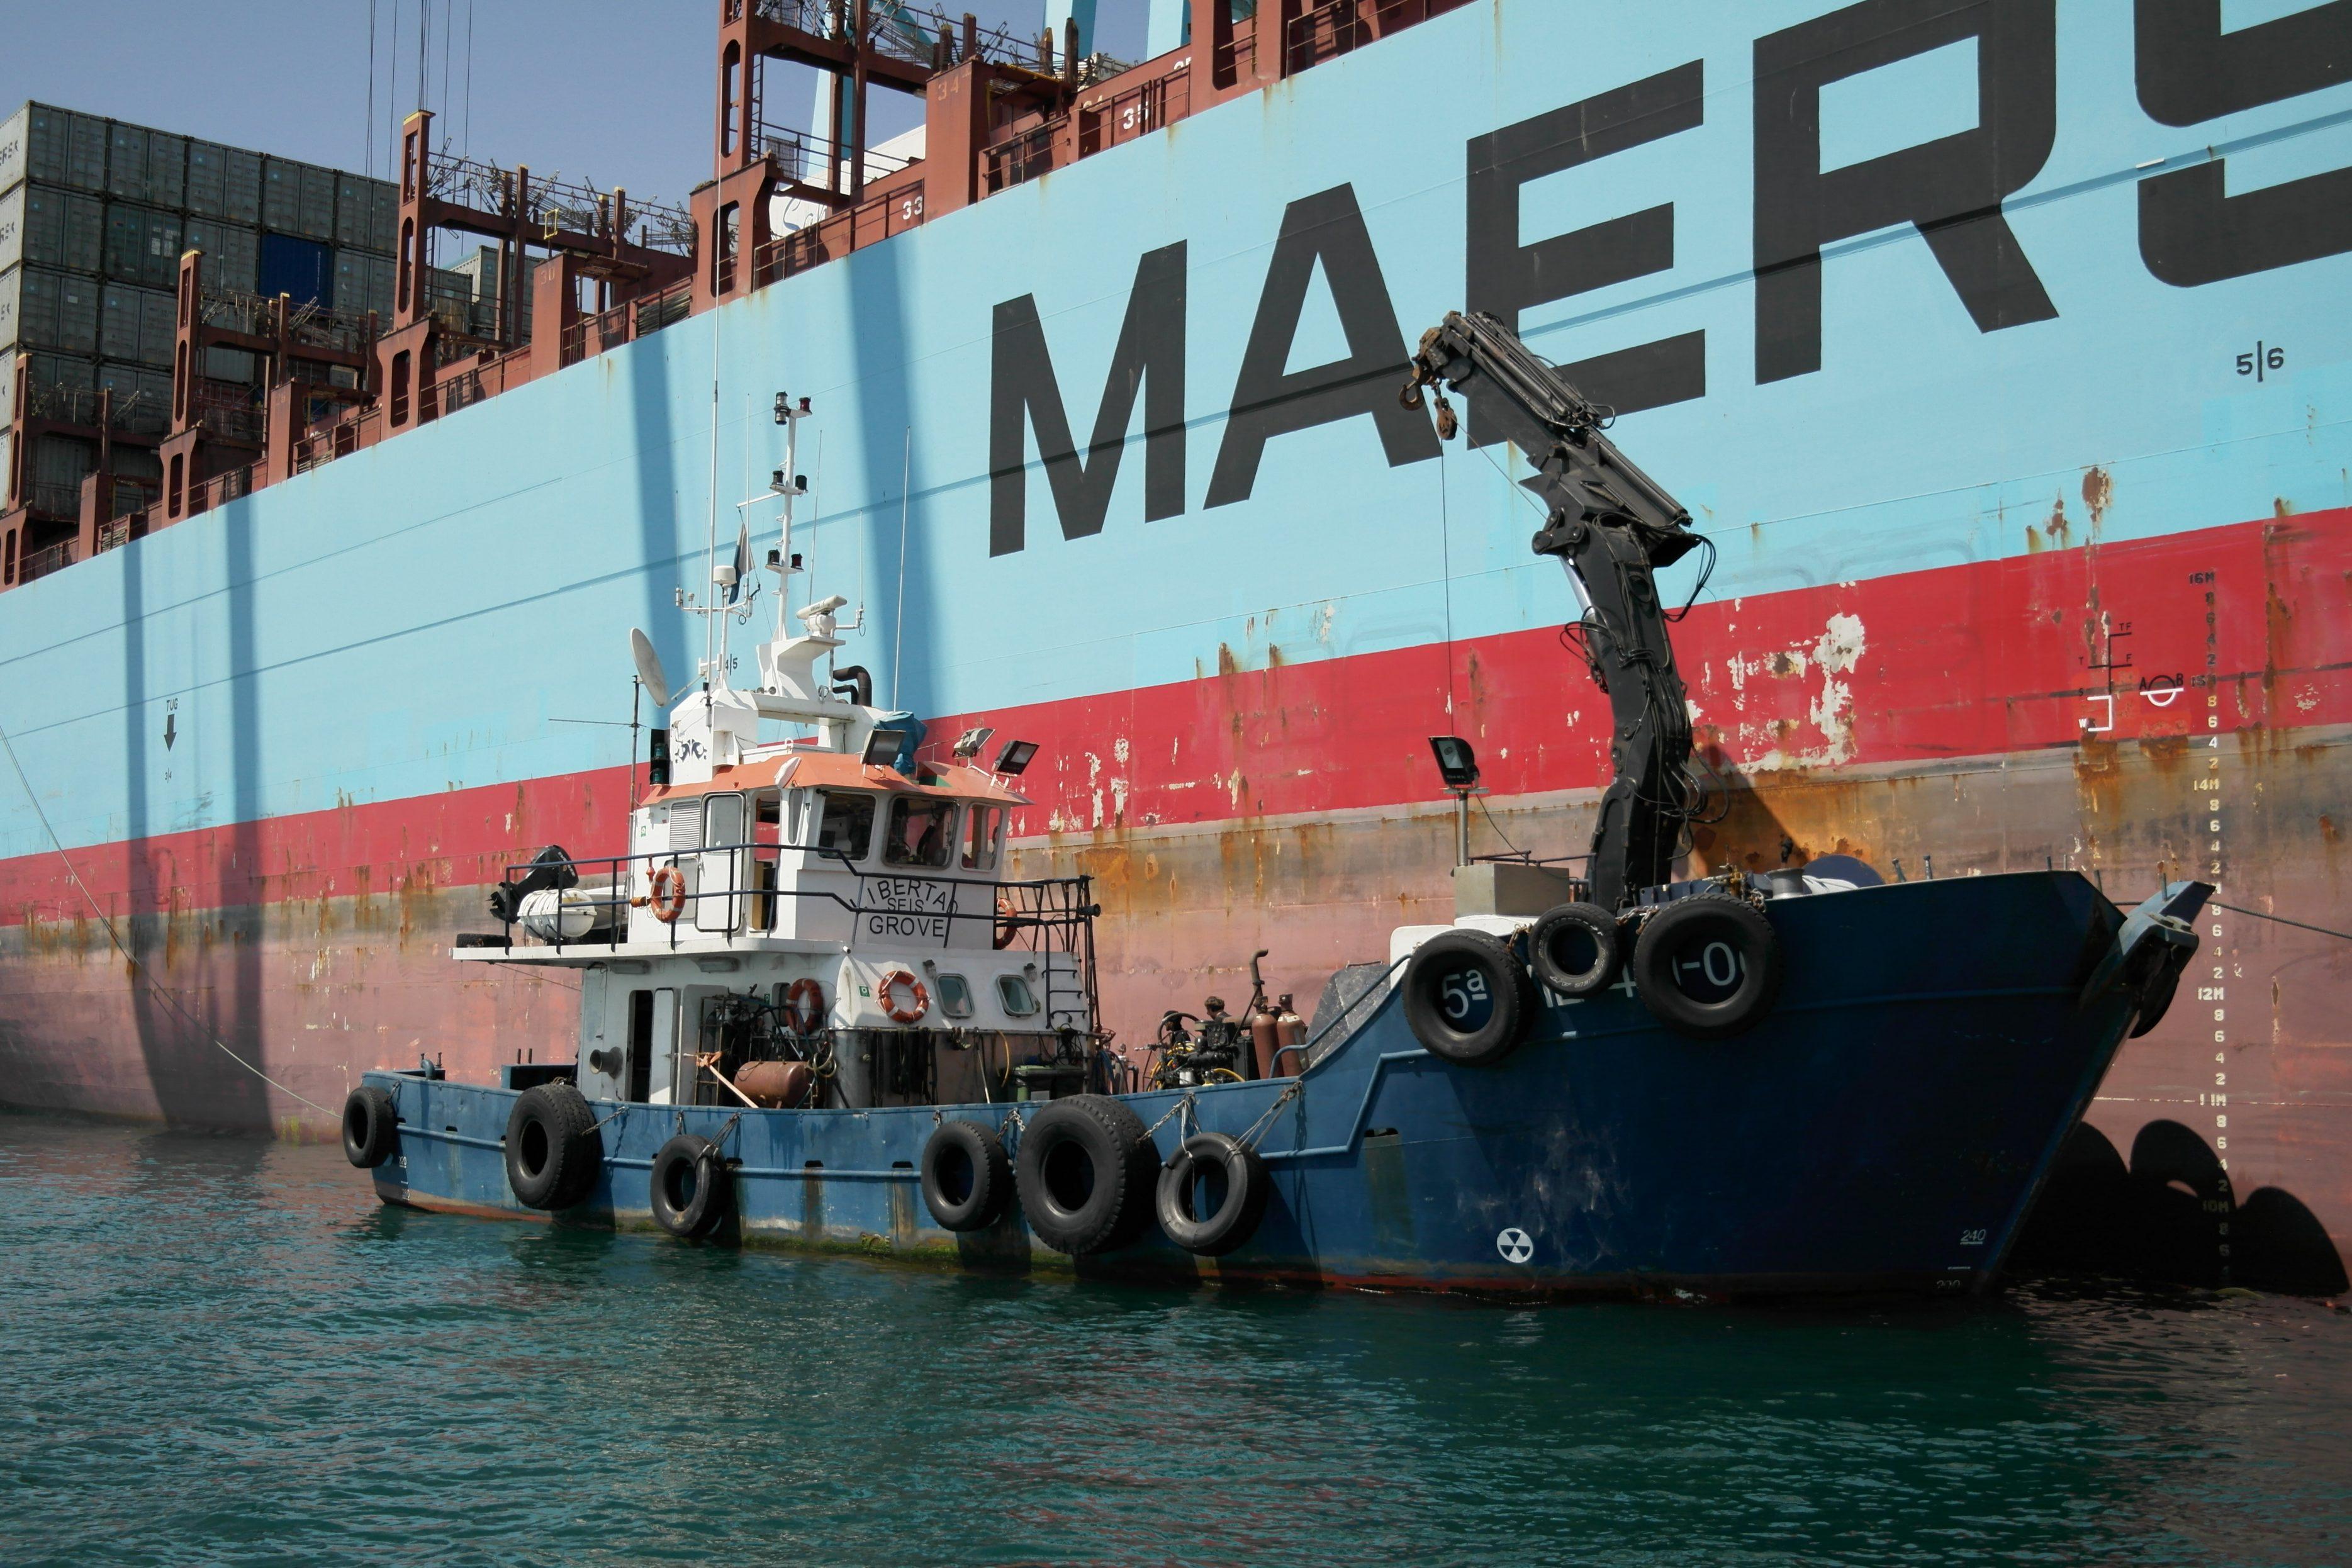 Workboat on Maersk Vessel